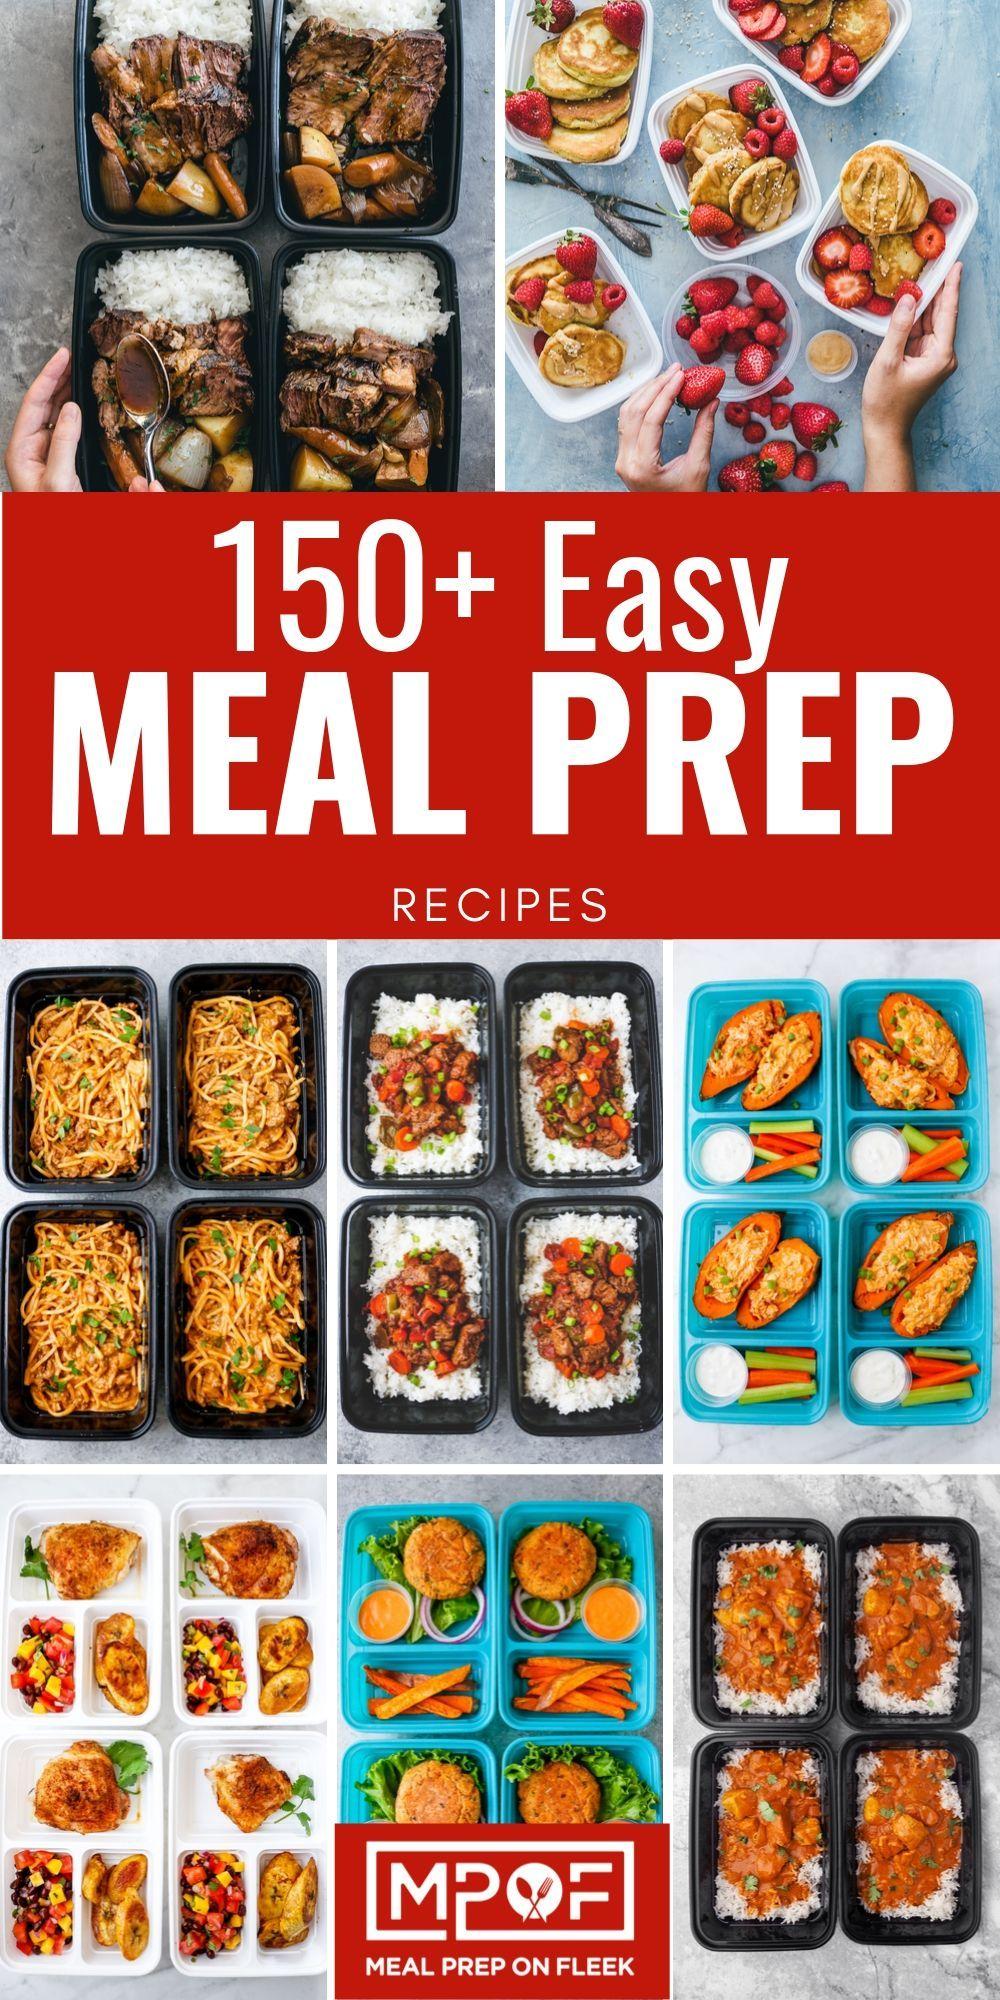 The Easiest Meal Prep Recipes - Meal Prep on Fleek